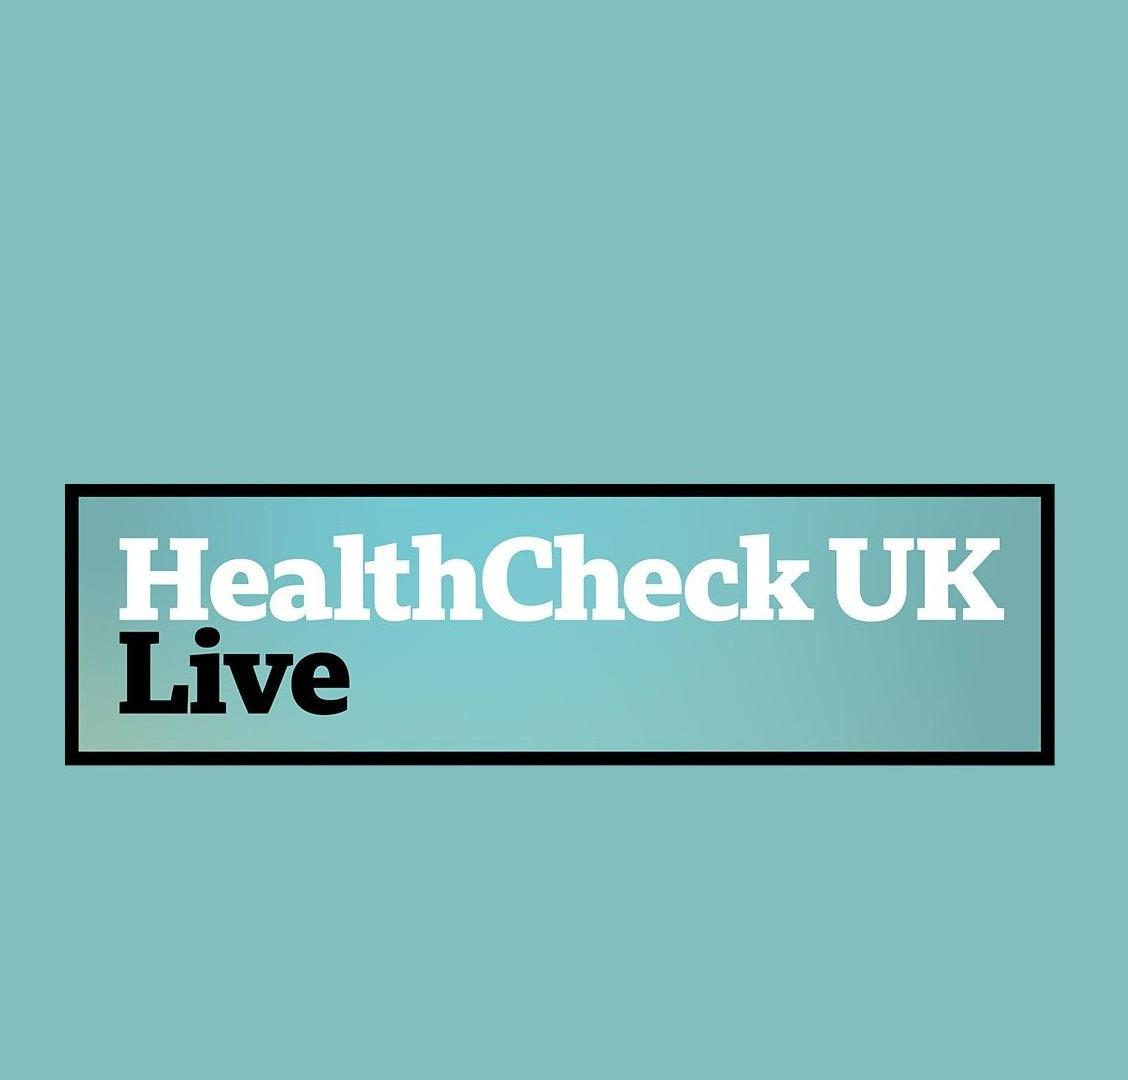 Show HealthCheck UK Live